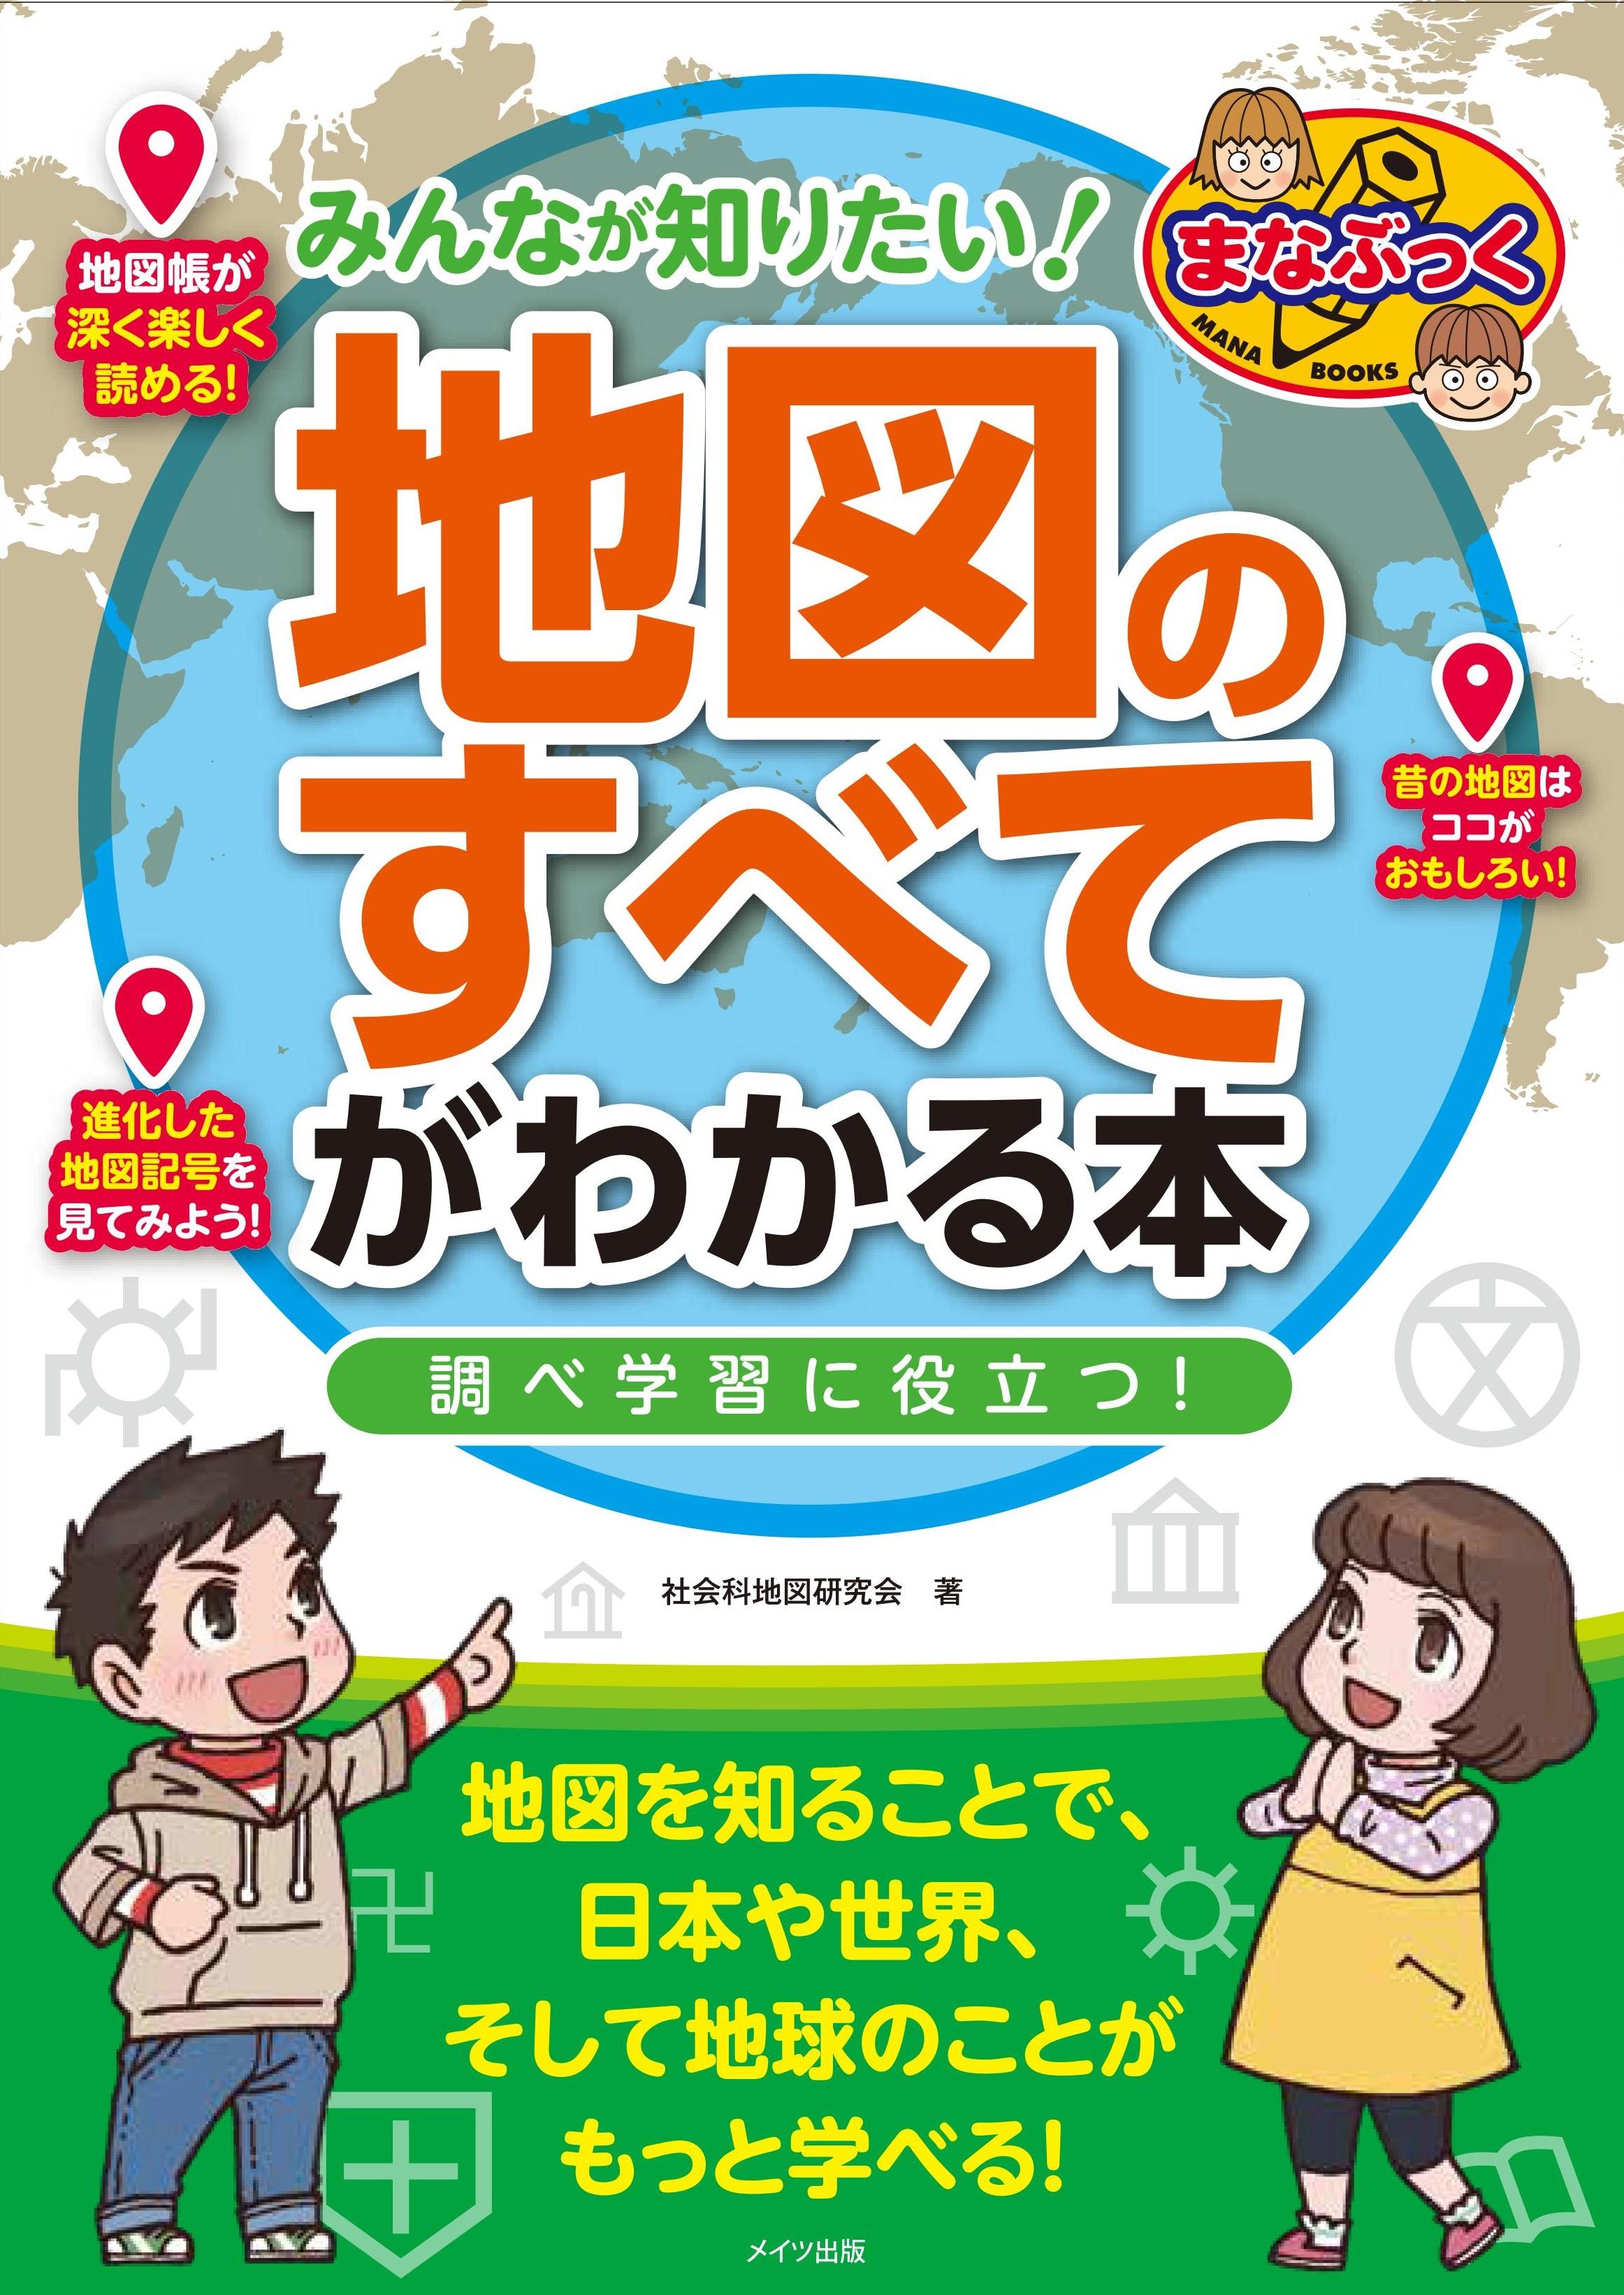 みんなが知りたい!「地図のすべて」がわかる本 調べ学習に役立つ!